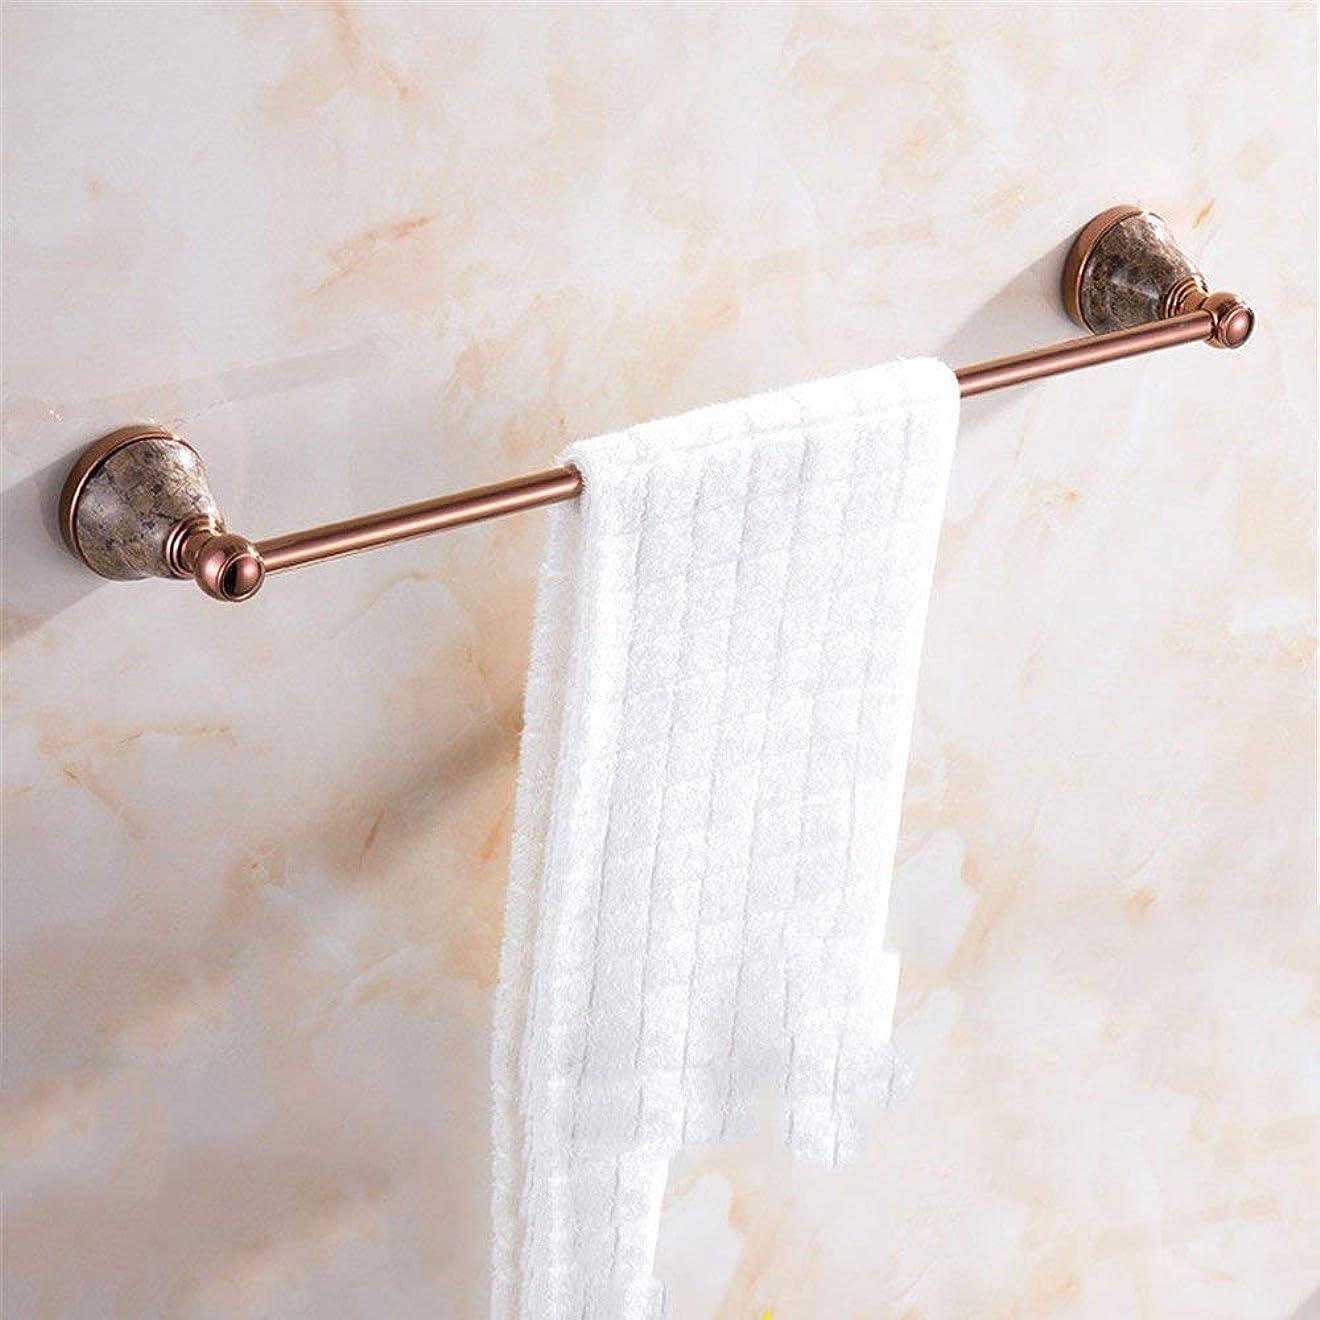 値する効果的にジャンプするXixuanStore 銅ローズタオルラックキット、 (Color : Towel Bar)